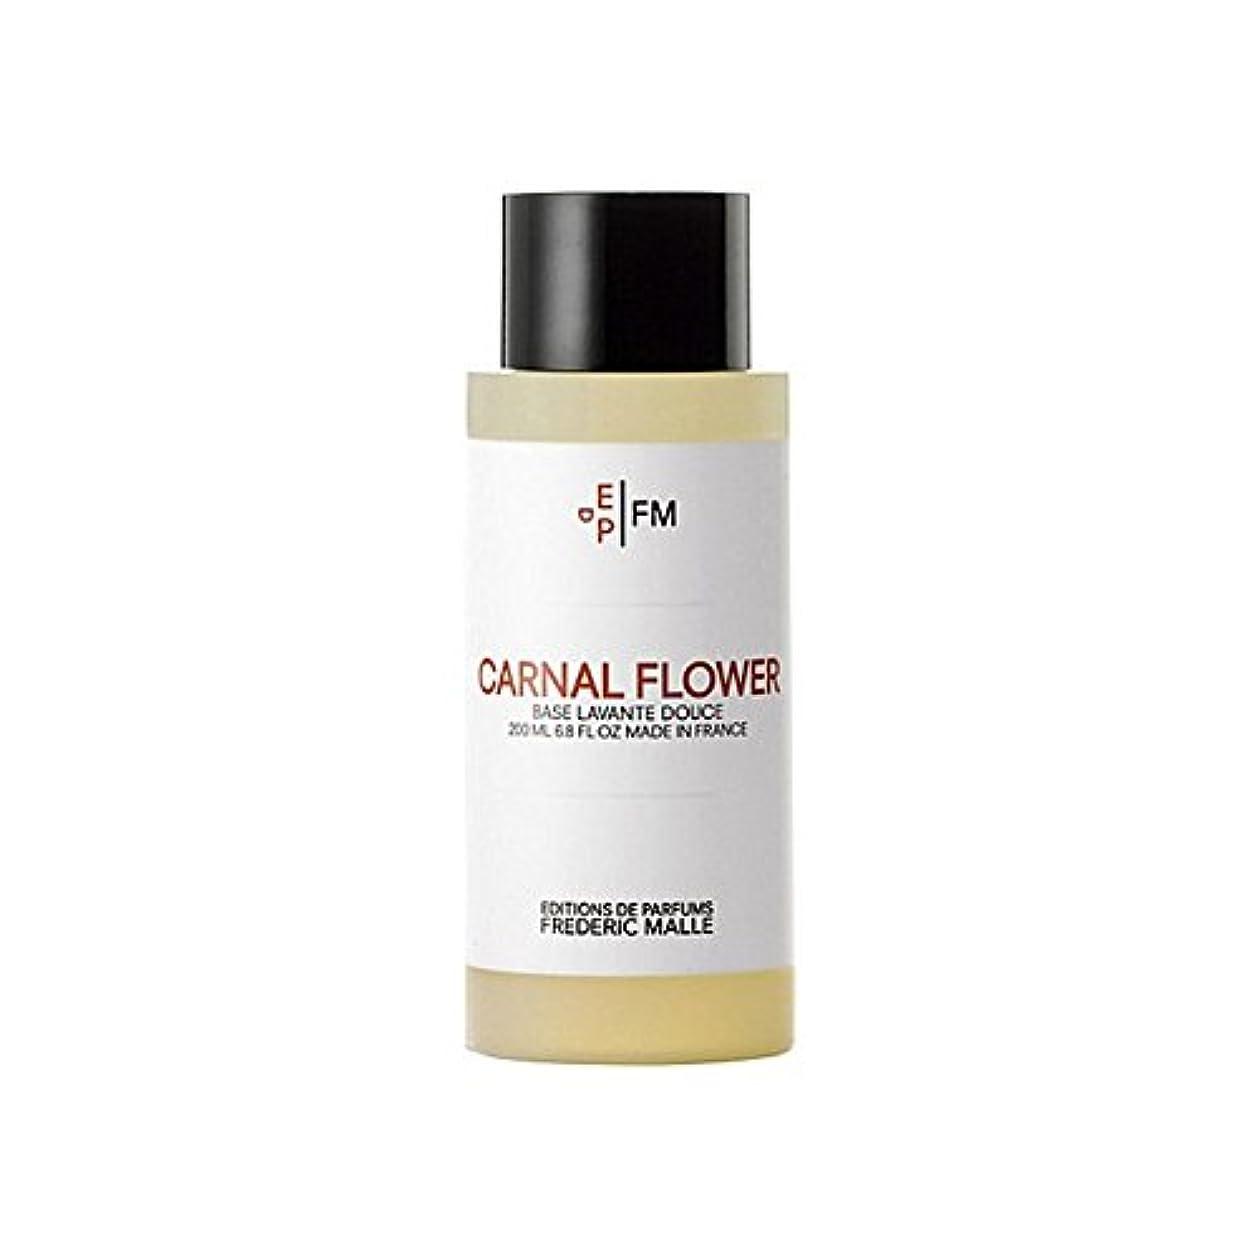 同封する沼地補償Frederic Malle Carnal Flower Gel Douche 200ml (Pack of 6) - フレデリック?マル肉欲花ゲル潅水200ミリリットル x6 [並行輸入品]